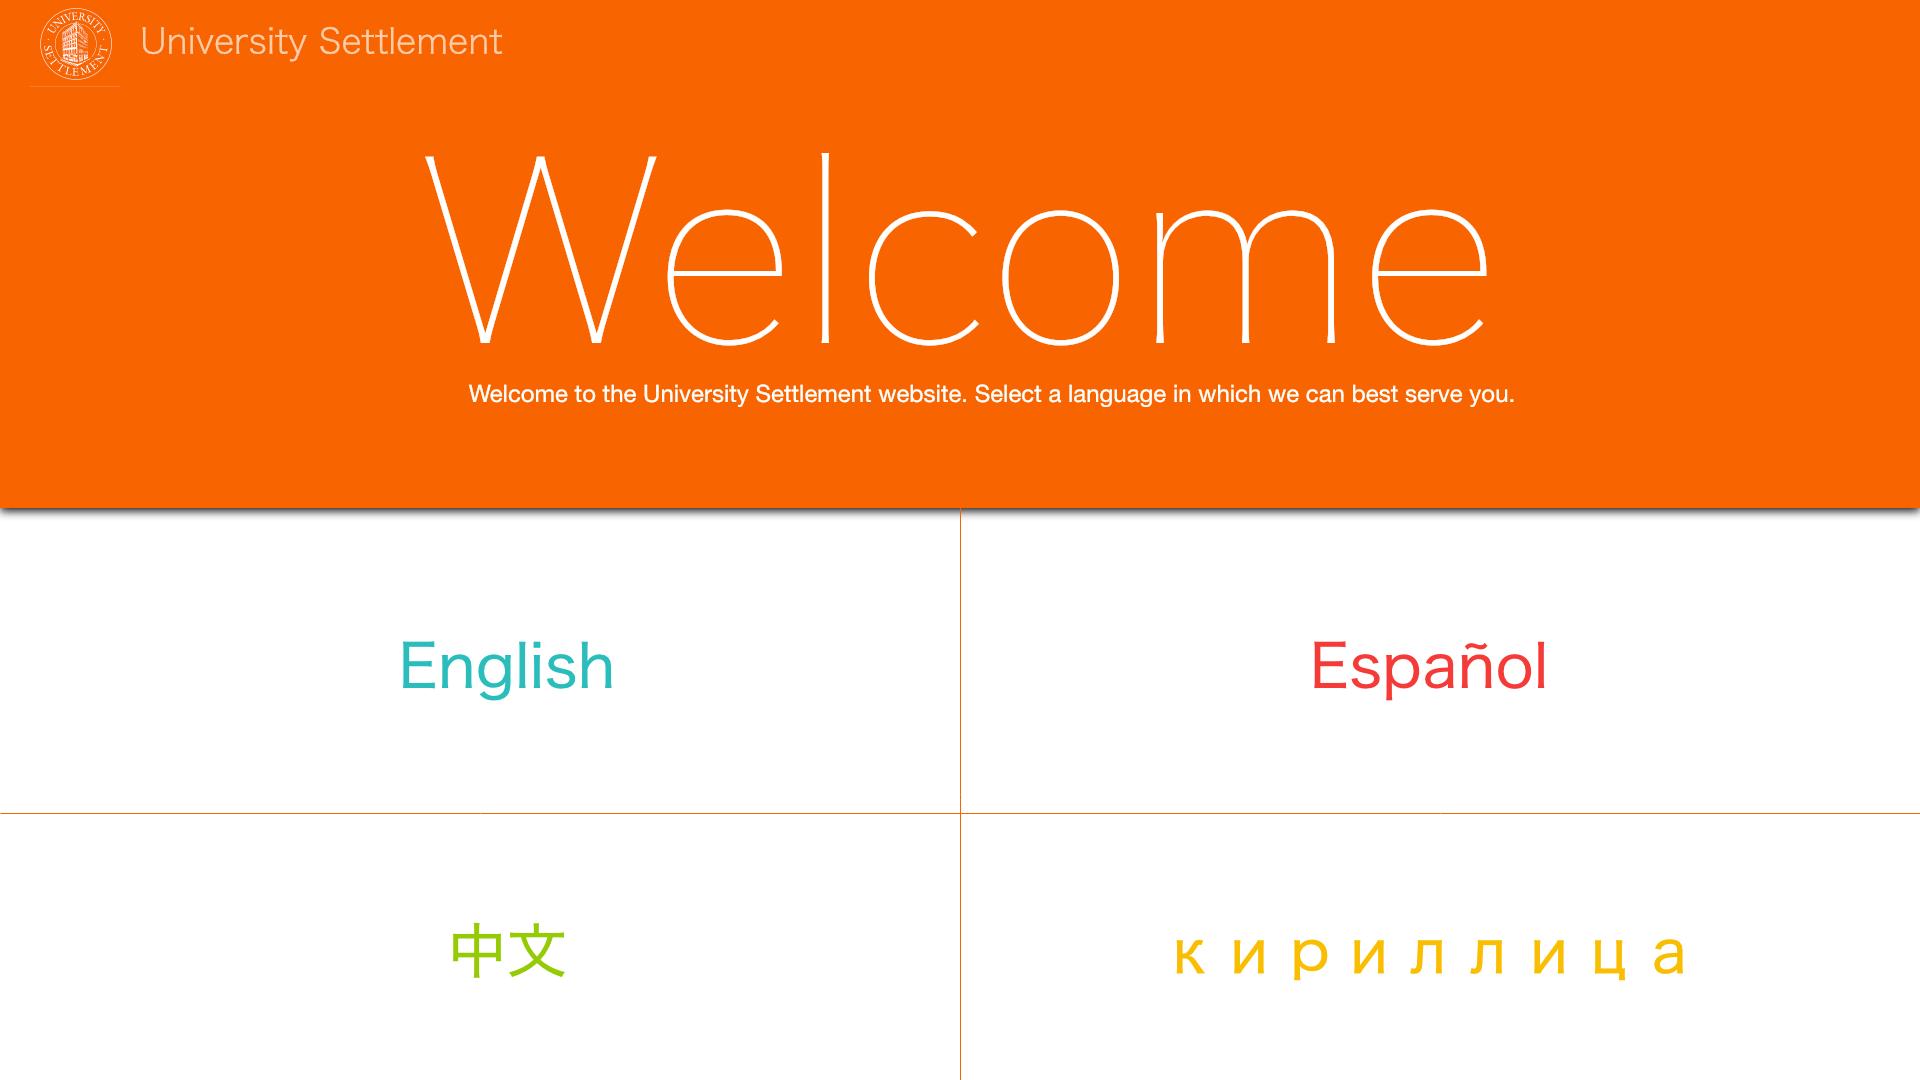 Landing Page design for University Settlement website.